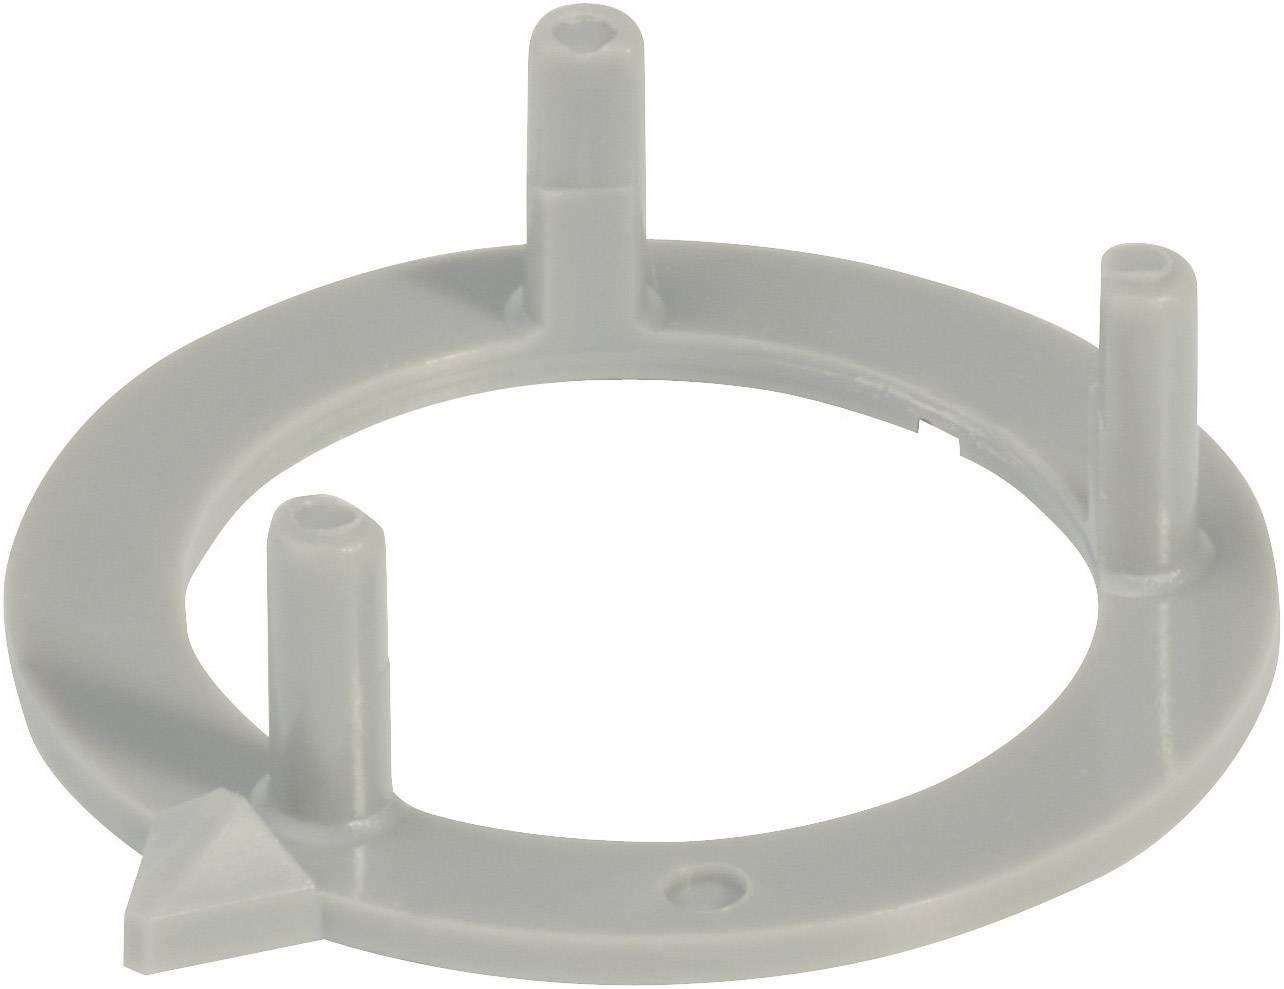 Ukazatel OKW vhodný pro knoflíky Ø 23 mm, šedá